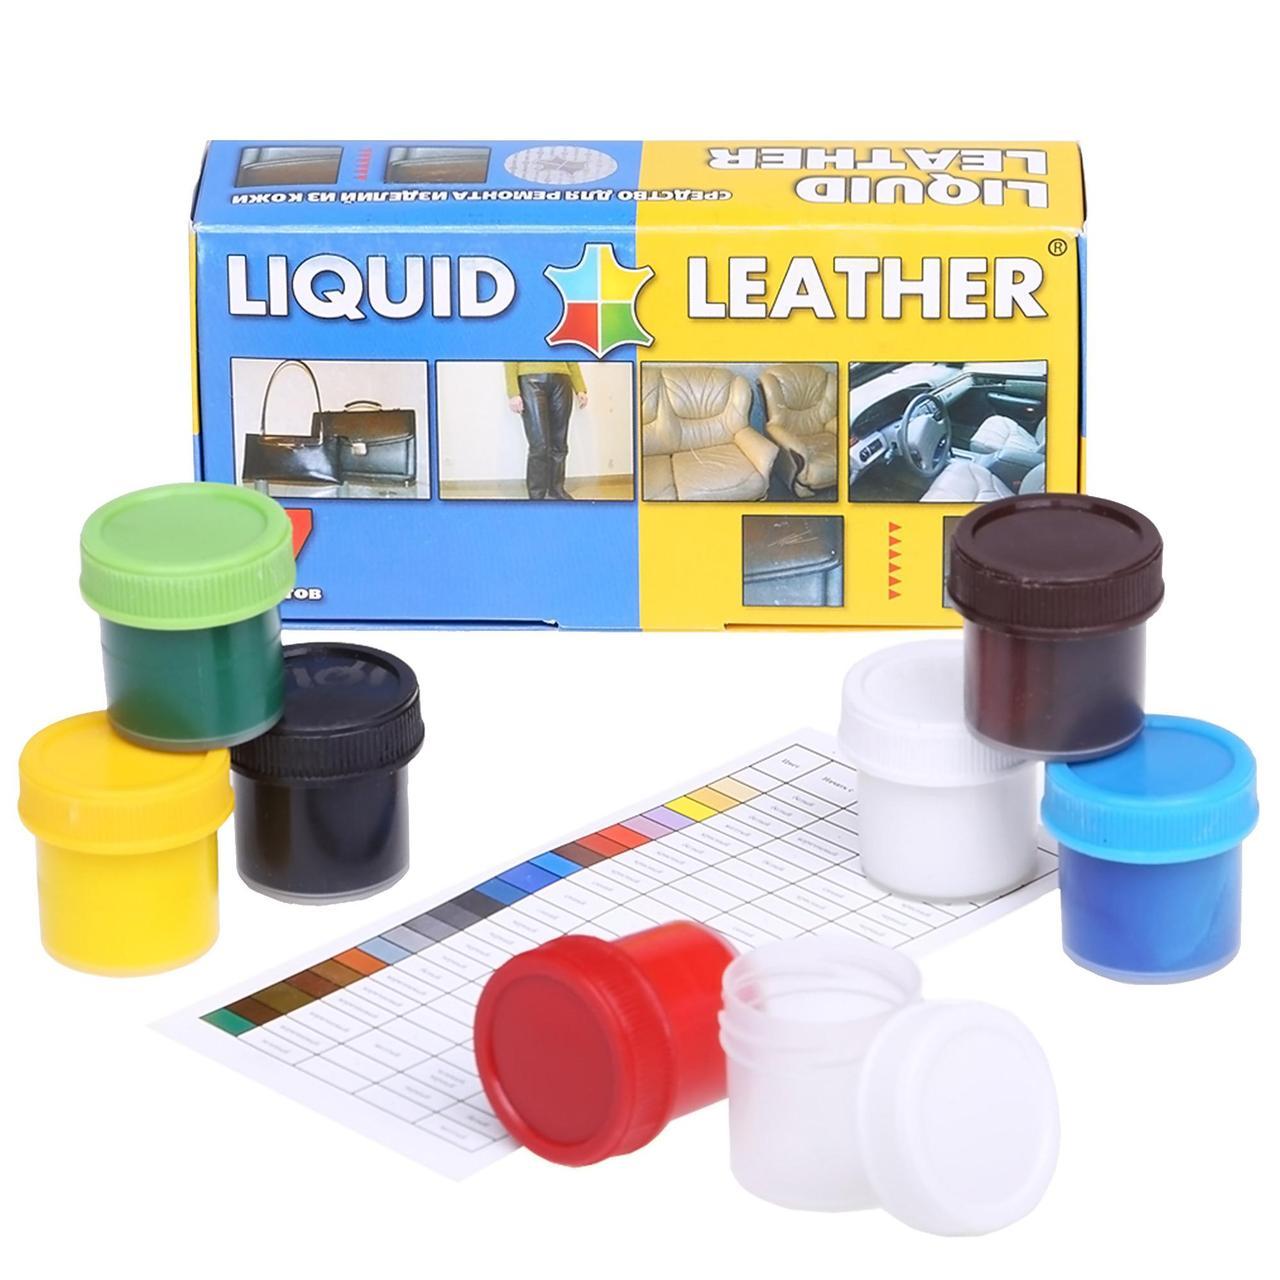 Рідка шкіра Liquid leather для реставрації та ремонту шкіряних виробів